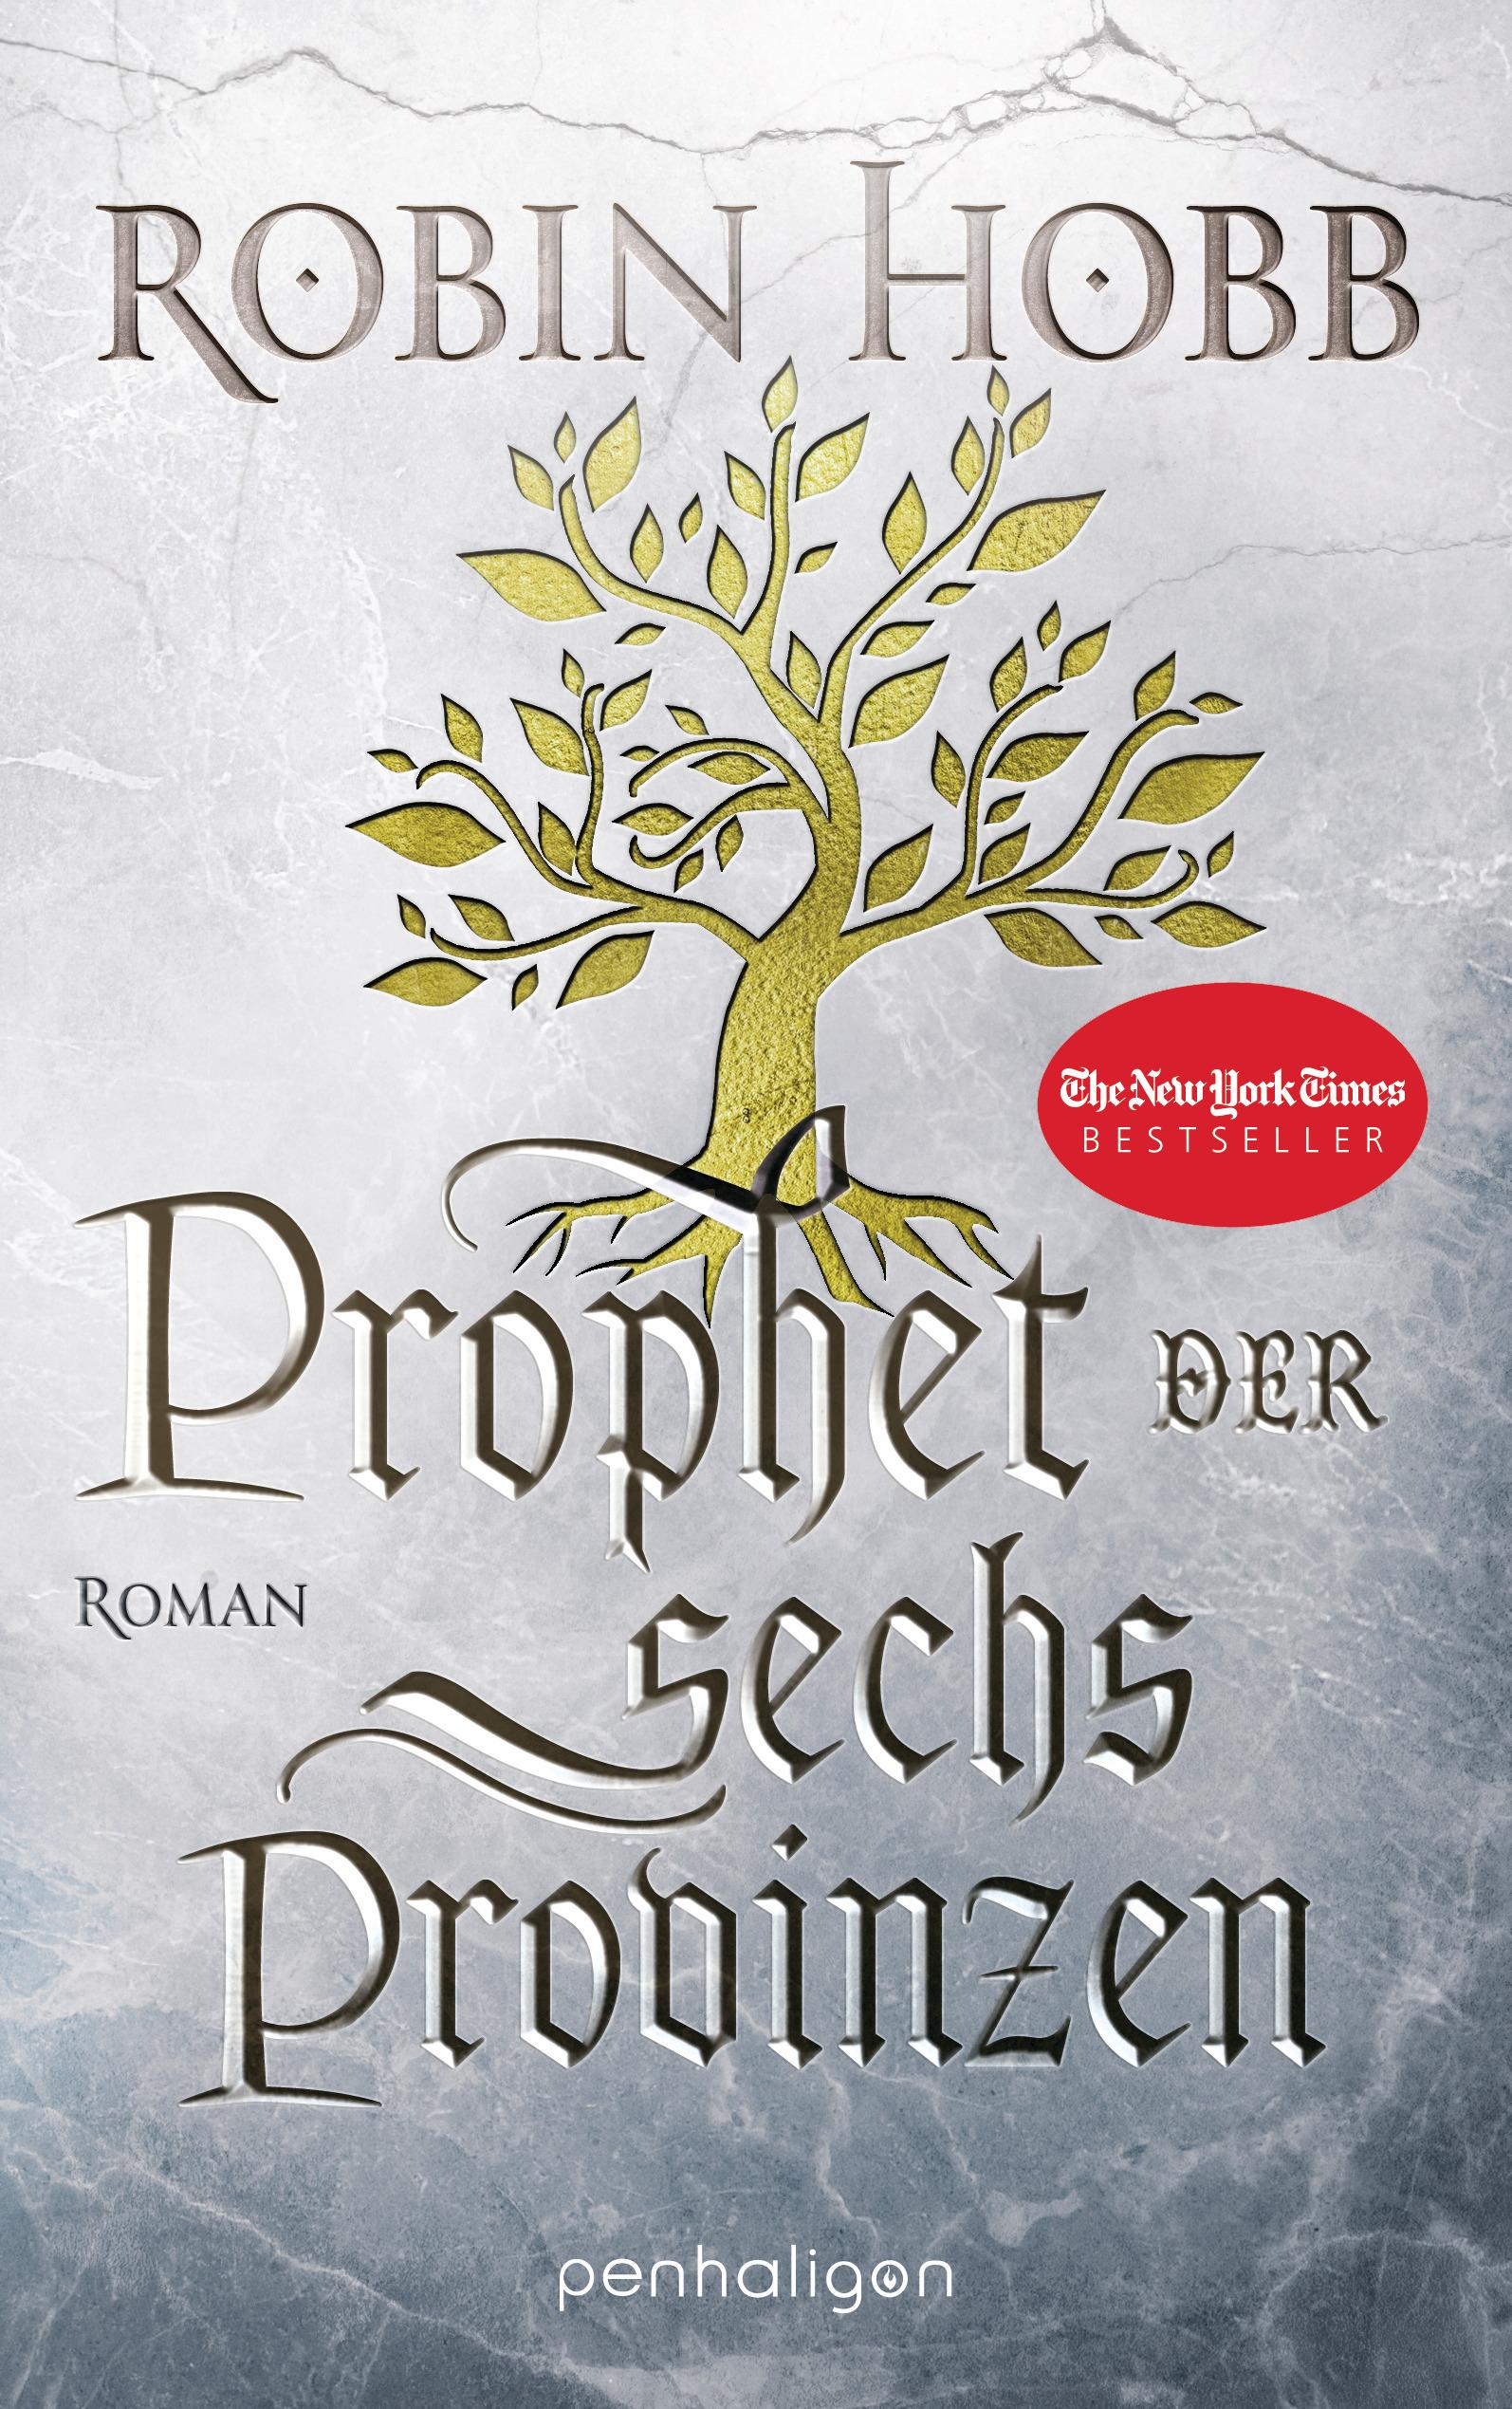 Prophet der sechs Provinzen von Robin Hobb